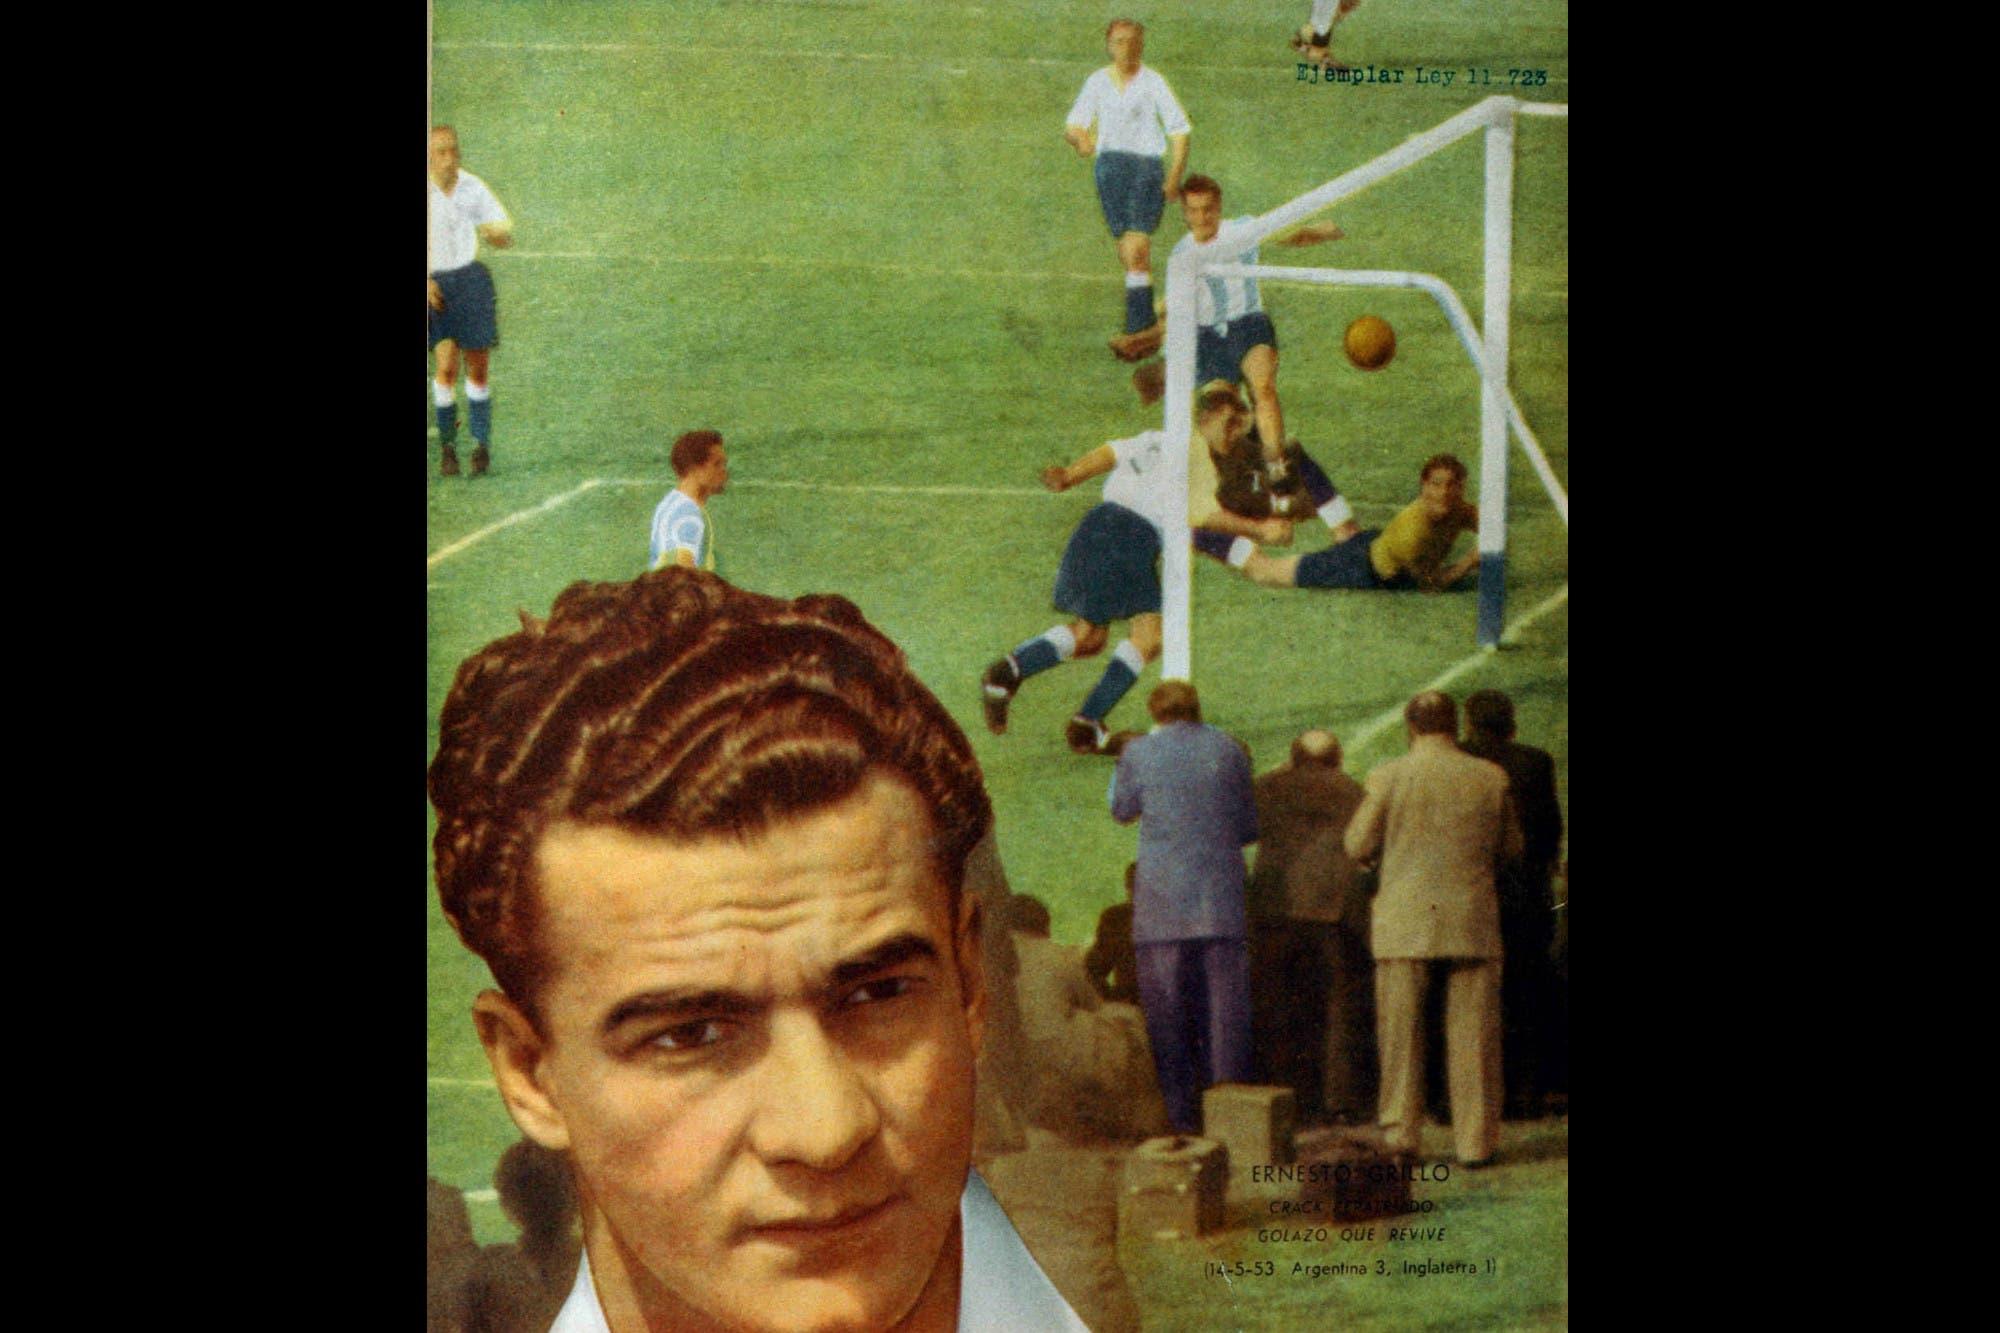 Día del Futbolista Argentino: el testimonio de Rodolfo Micheli, que jugó aquella tarde contra Inglaterra hace 63 años